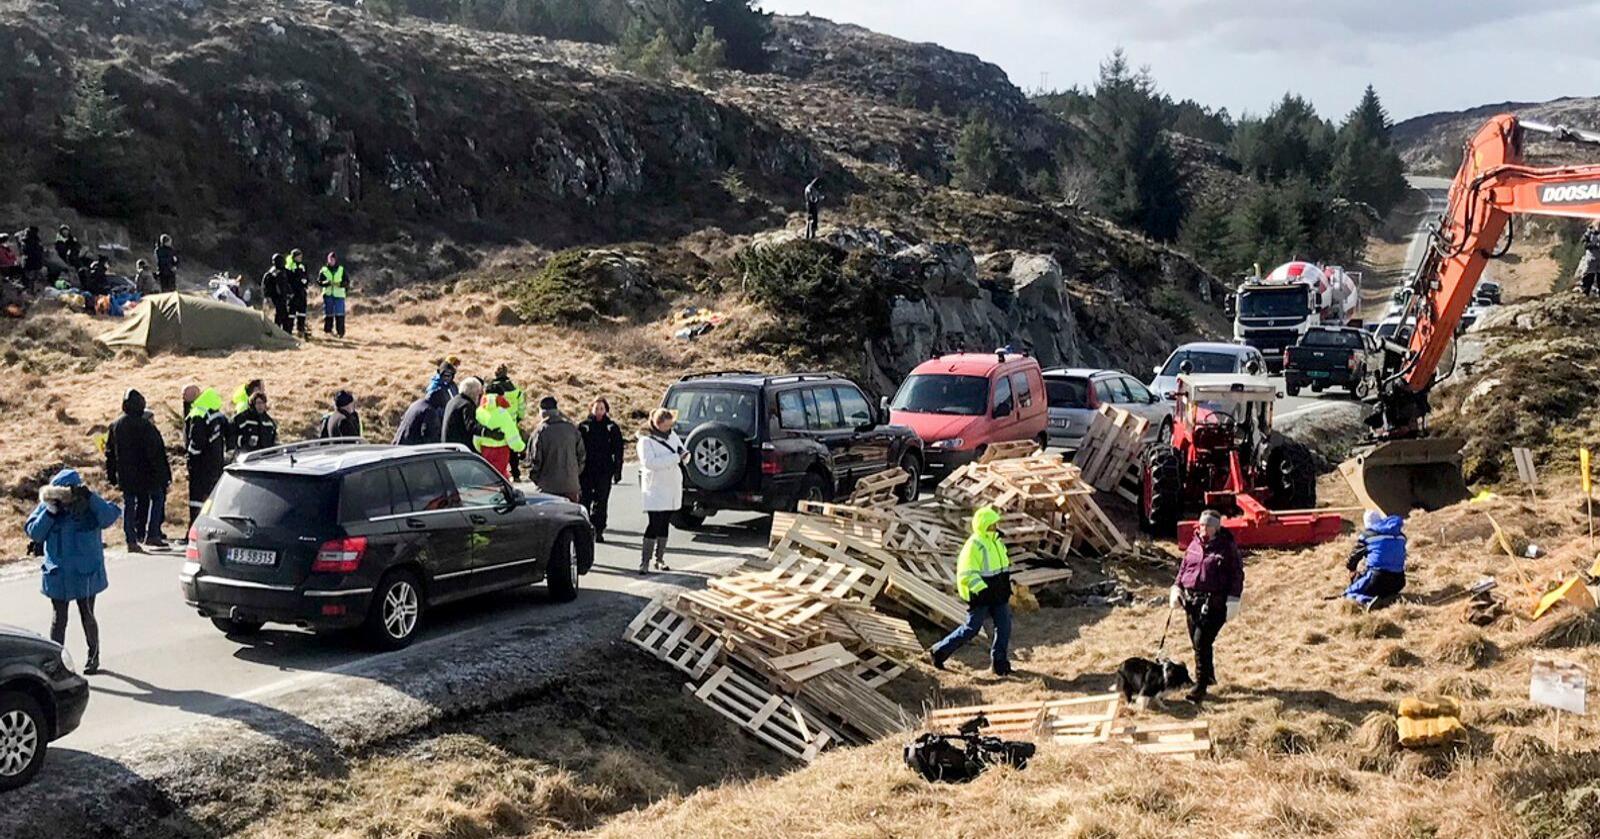 Det har tidligere vært demonstrasjoner mot vindkraftanlegget på Frøya. Nå har politiet igjen forlenget oppholdsforbudet i anleggsområdet. Foto: Ronny Teigås / NTB